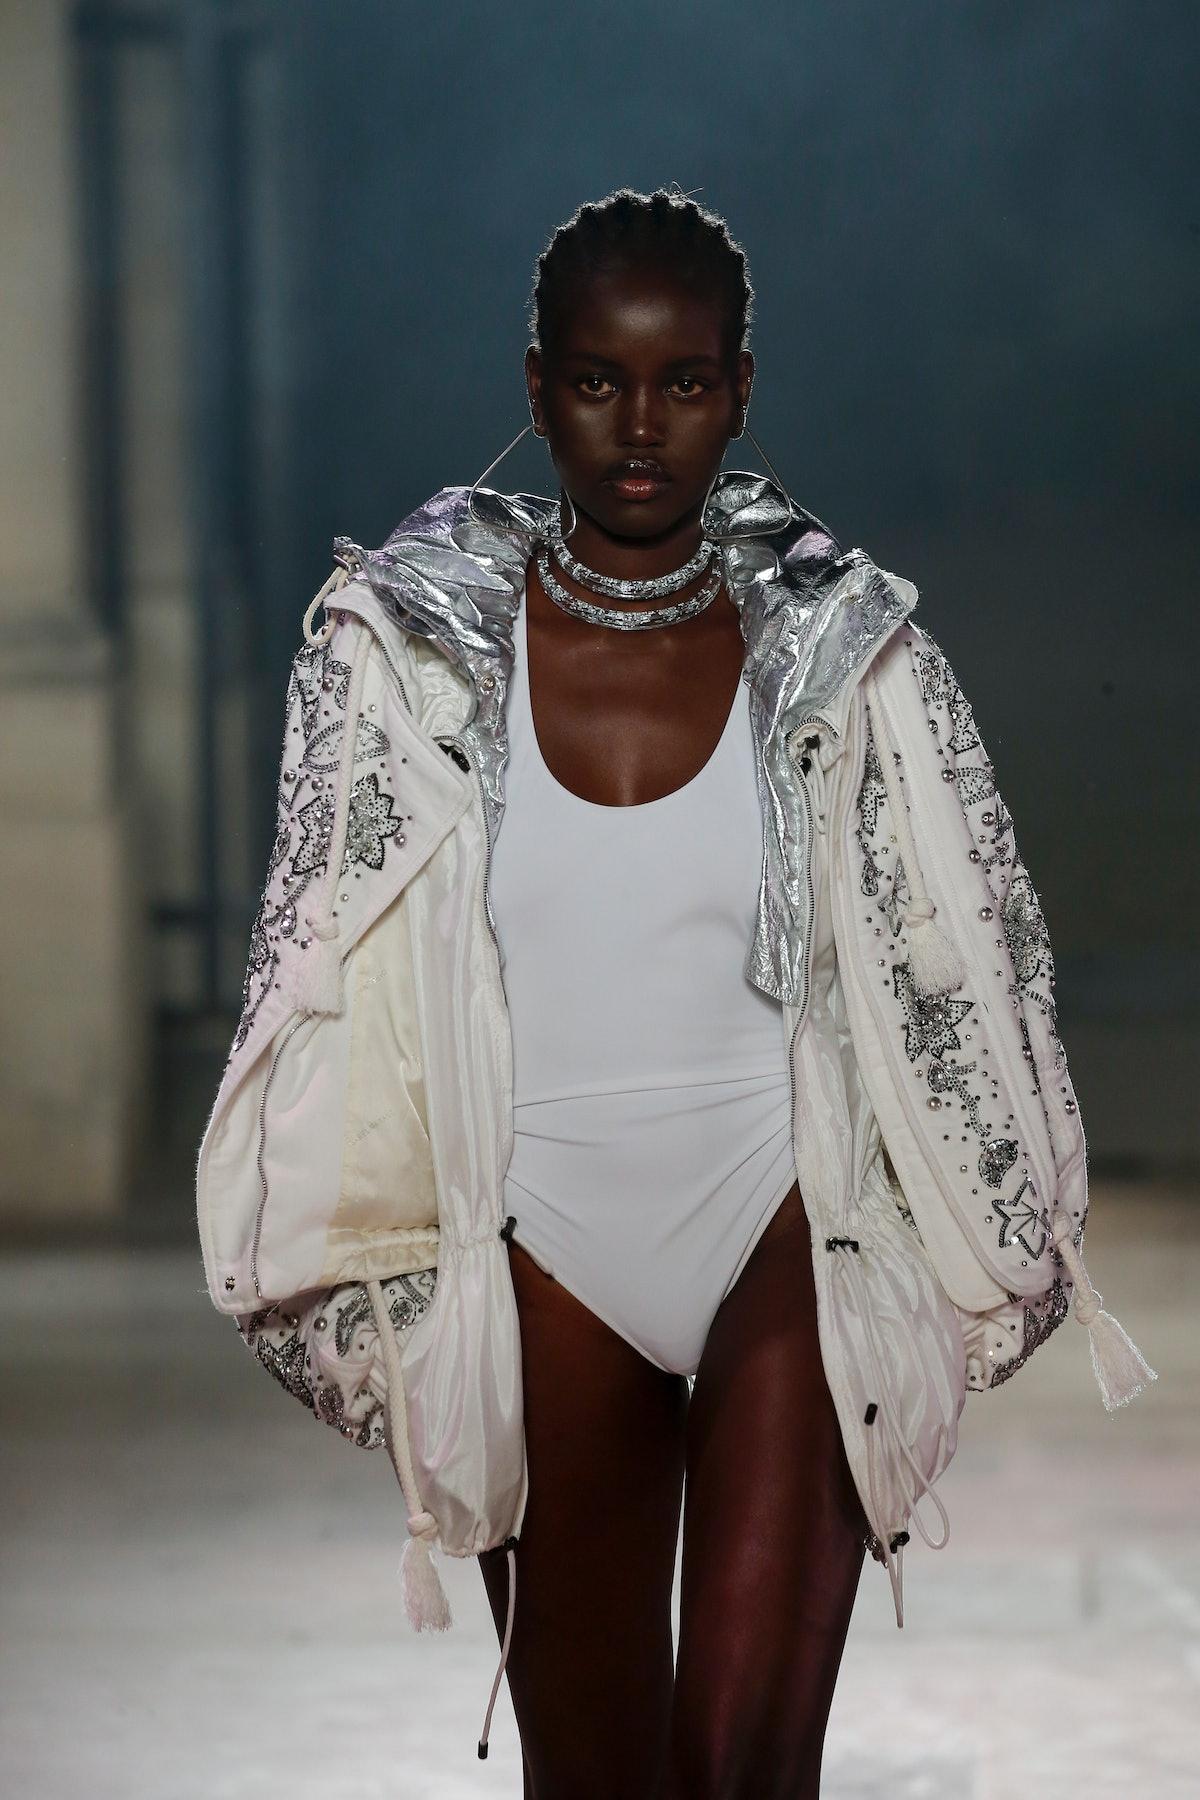 پاریس ، فرانسه - 30 سپتامبر: Adut Akech در طول Isabel Marant Ready to Wear Springs روی باند پیاده روی می کند ...